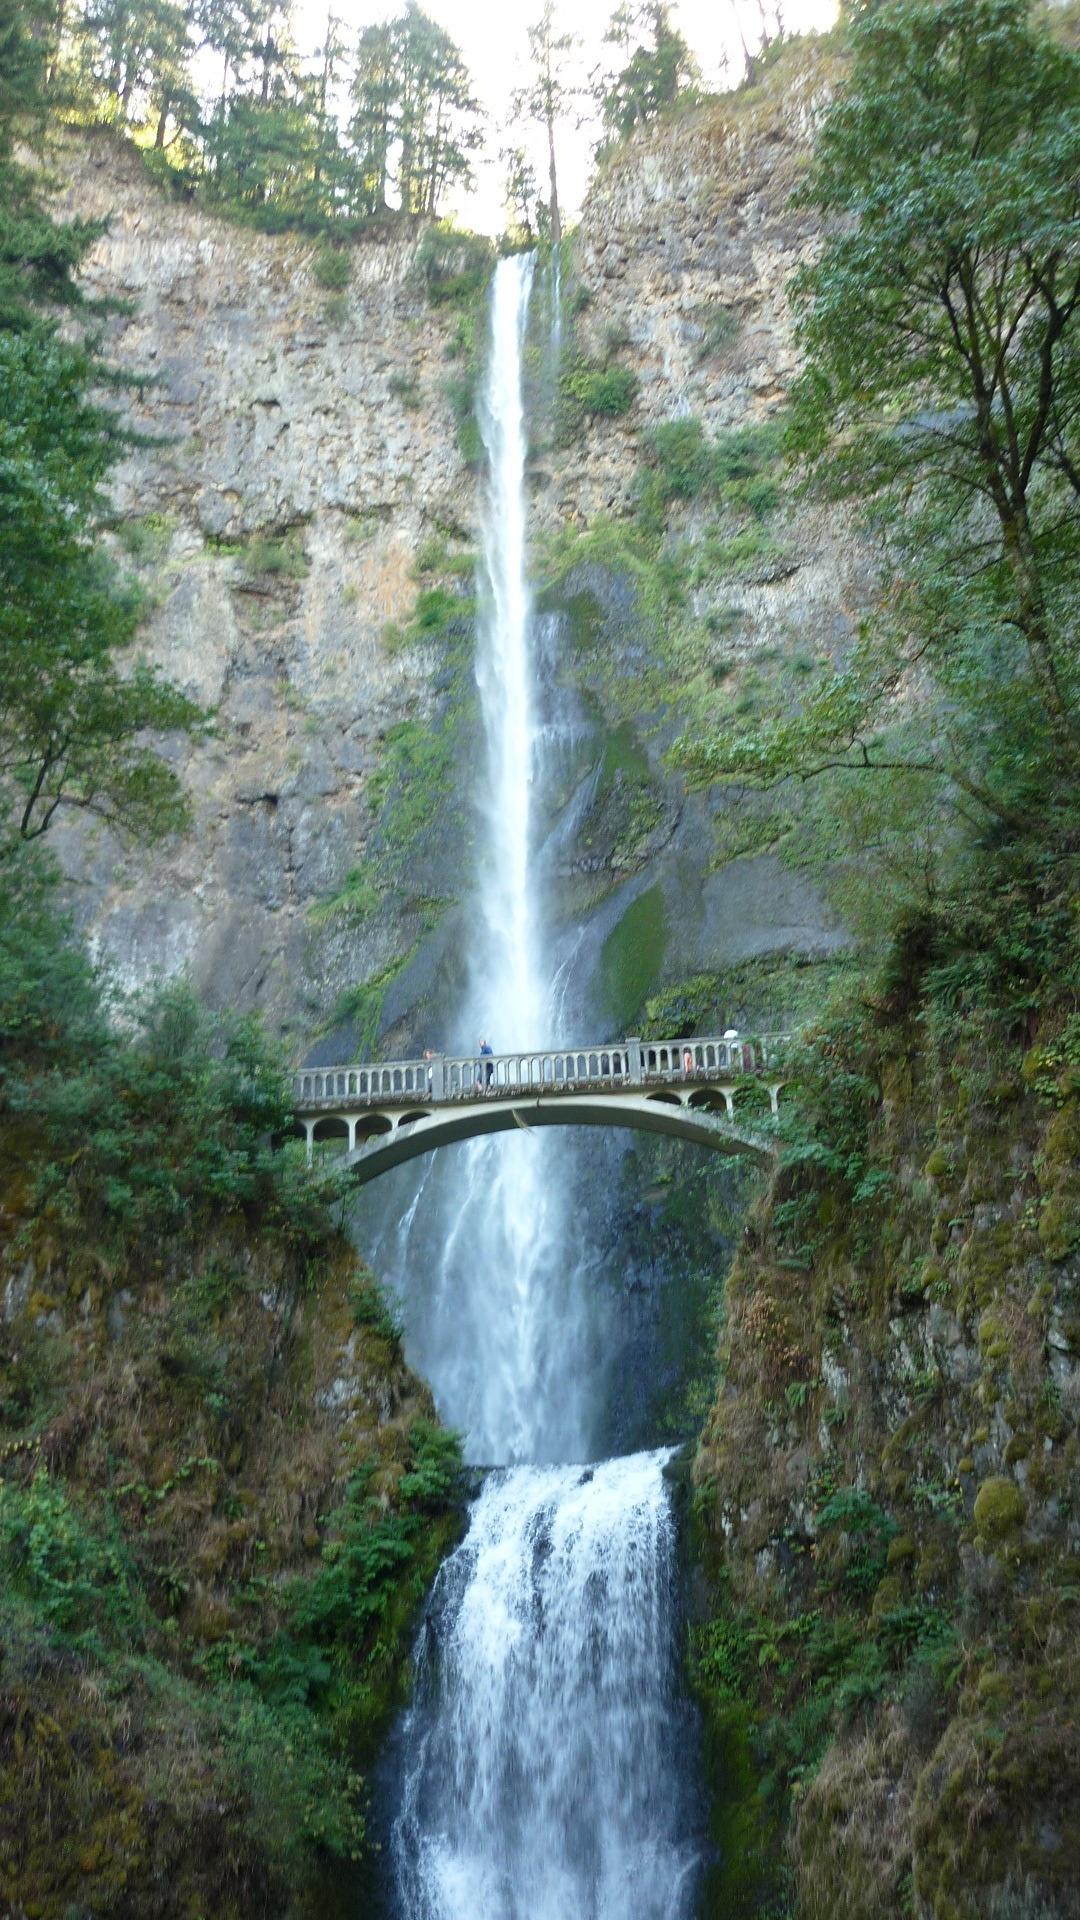 Images Gratuites   Paysage  Eau  La Nature  Cascade